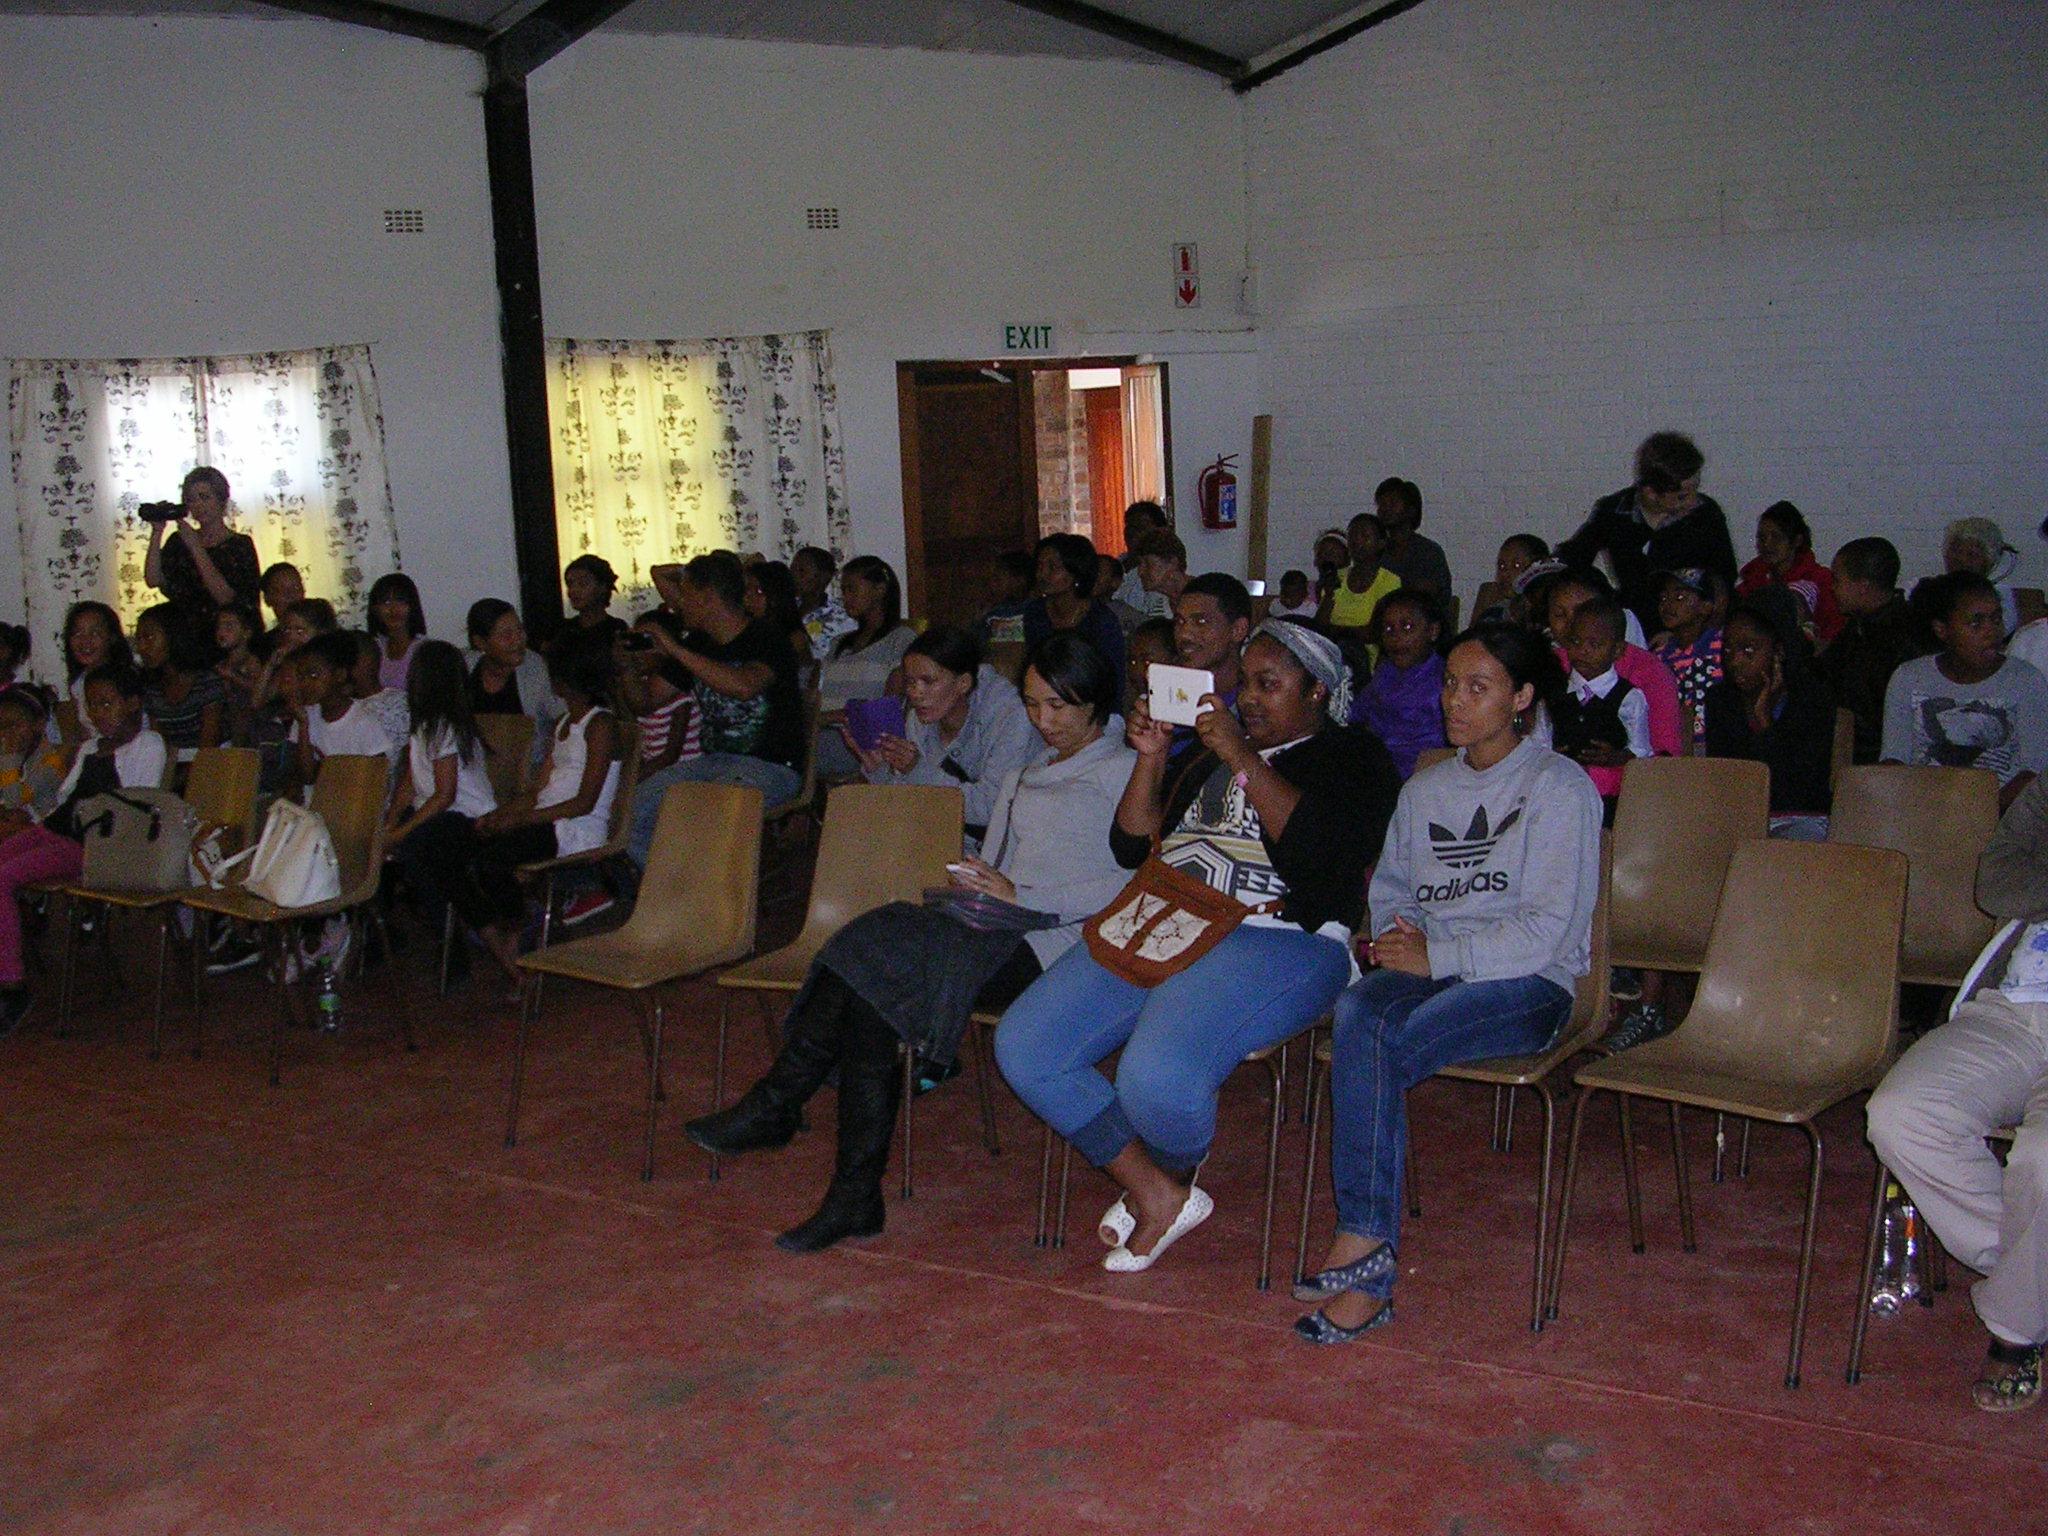 Audience community members